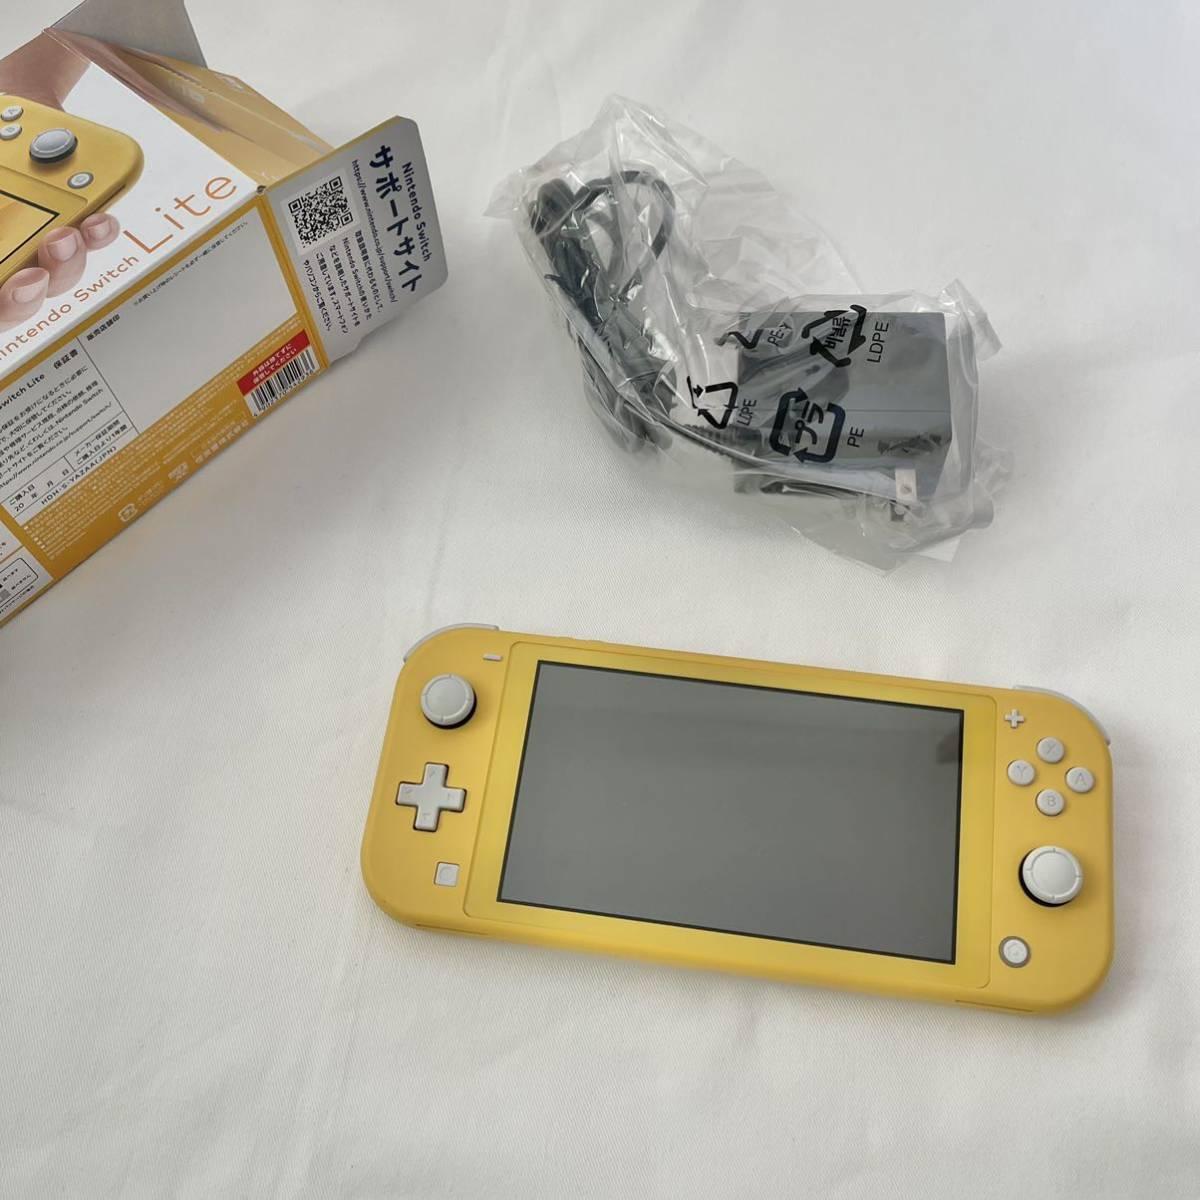 【中古美品】ニンテンドースイッチ ライト 本体 Nintendo Switch Lite イエロー_画像2